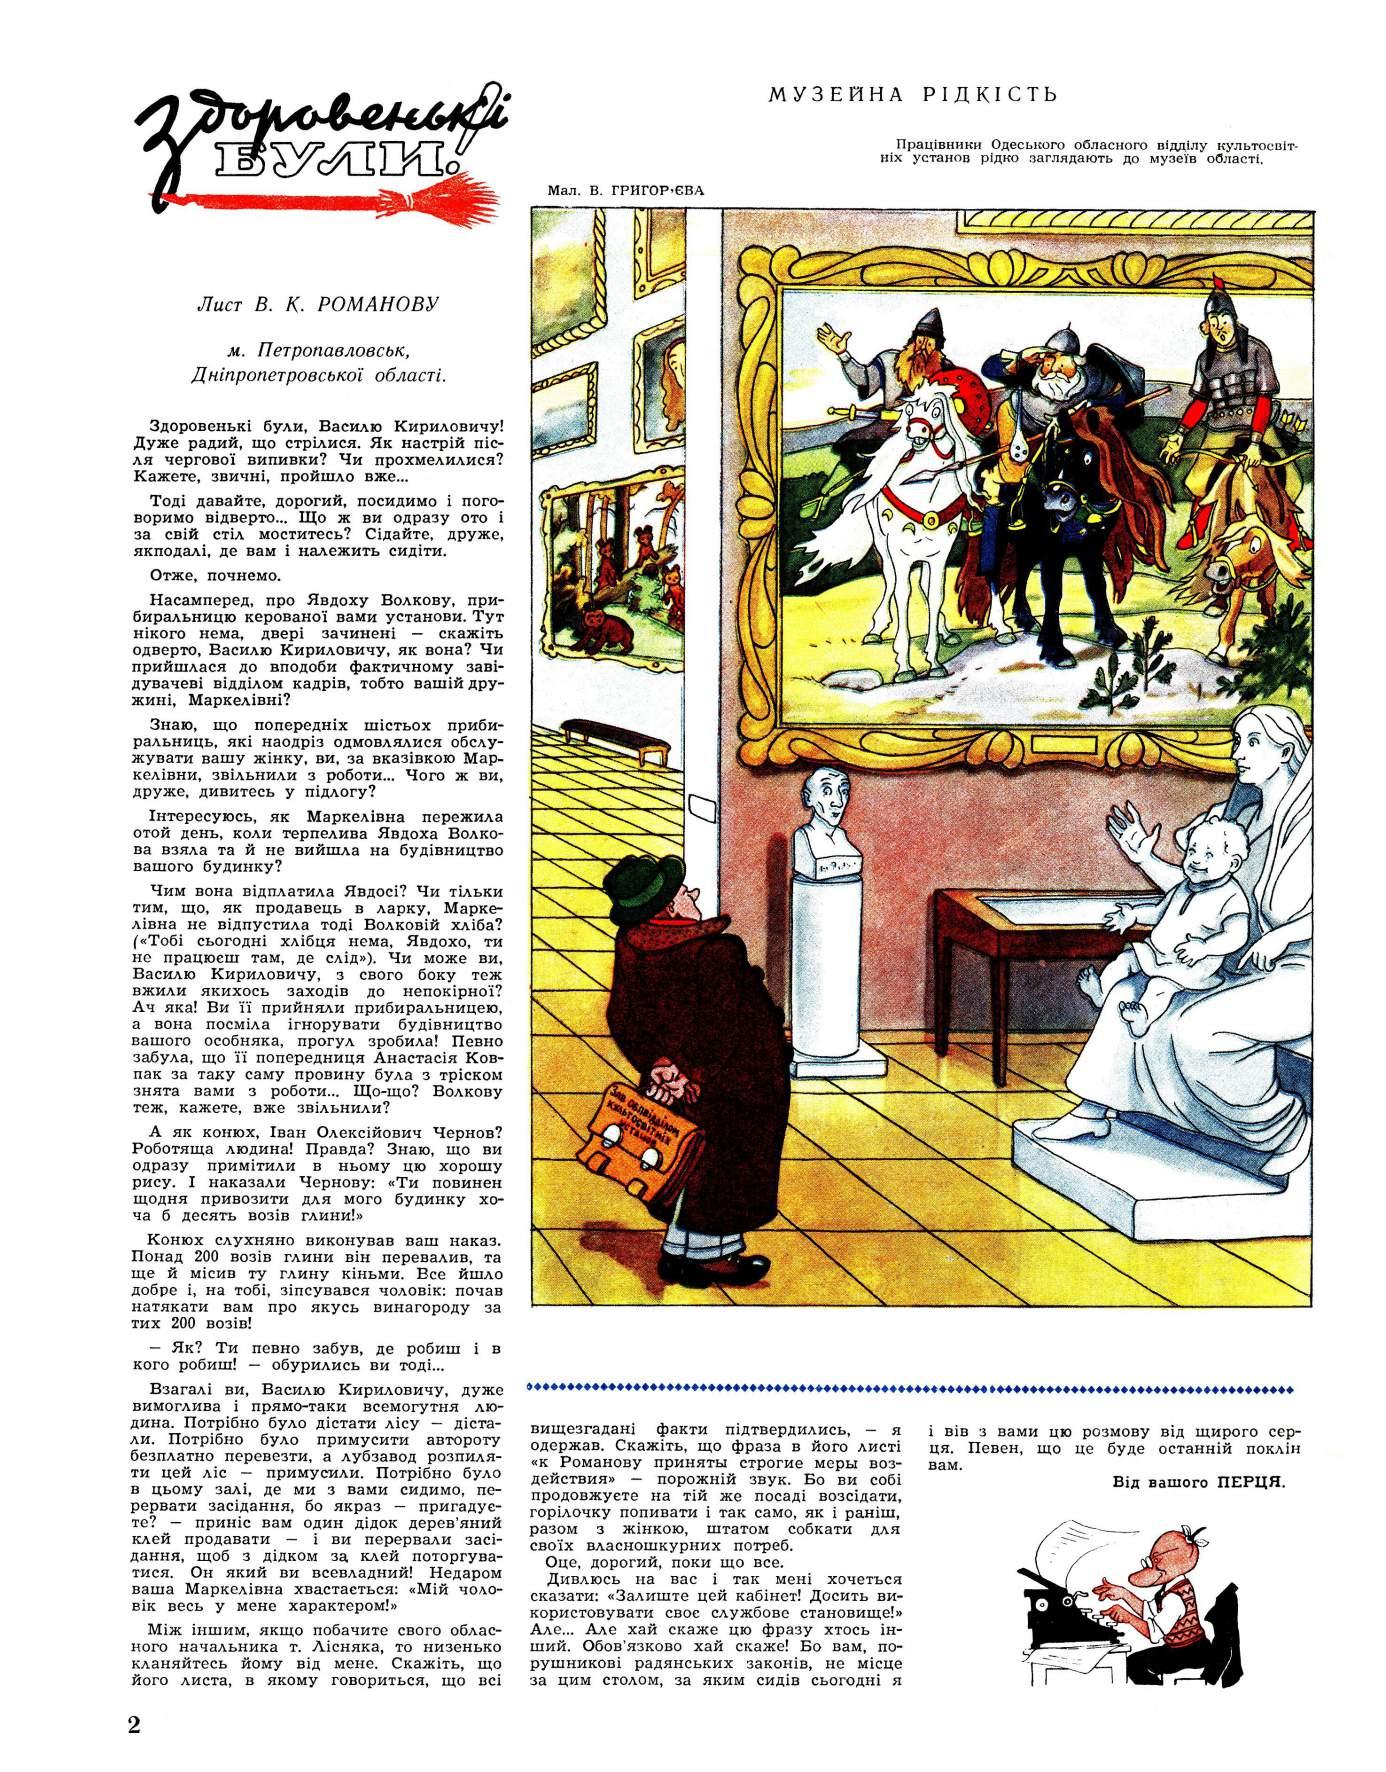 Журнал перець 1951 №21